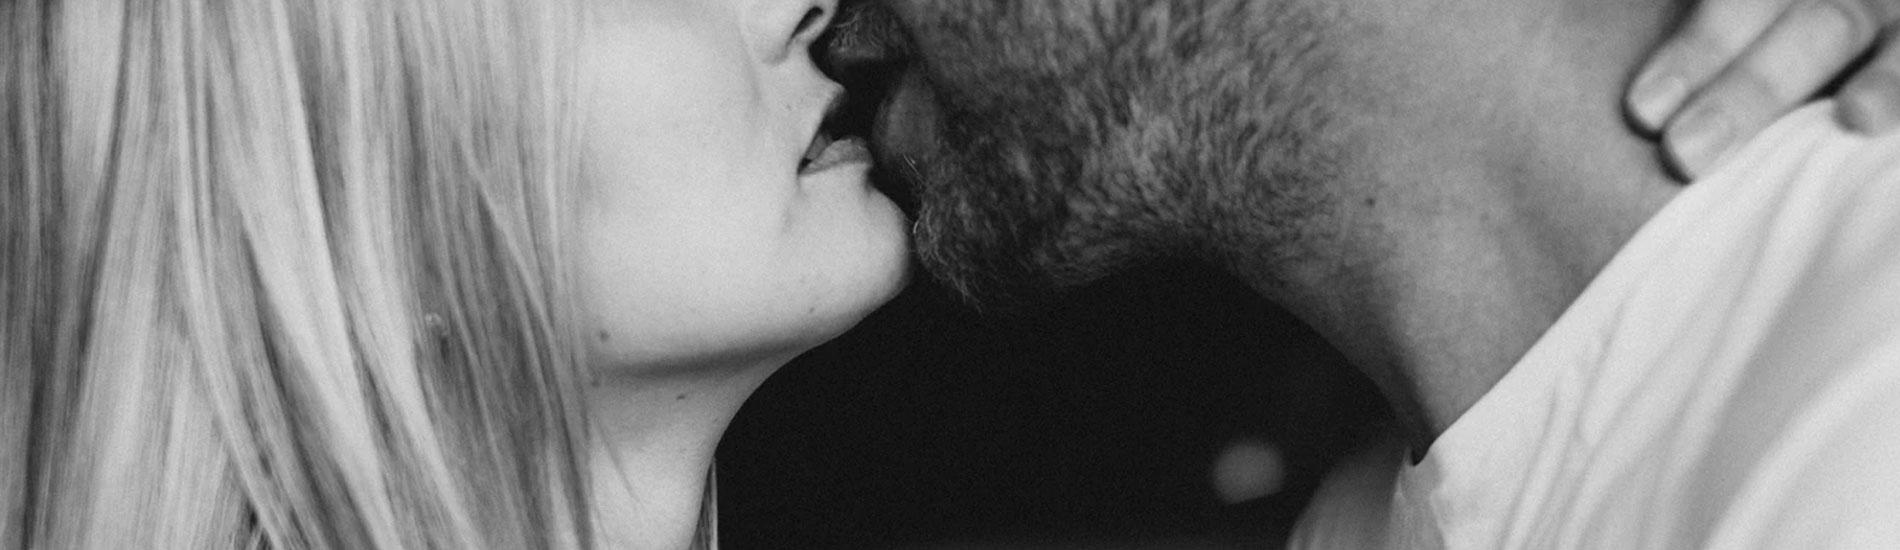 Τα Σεξουαλικώς Μεταδιδόμενα Νοσήματα μας απειλούν…